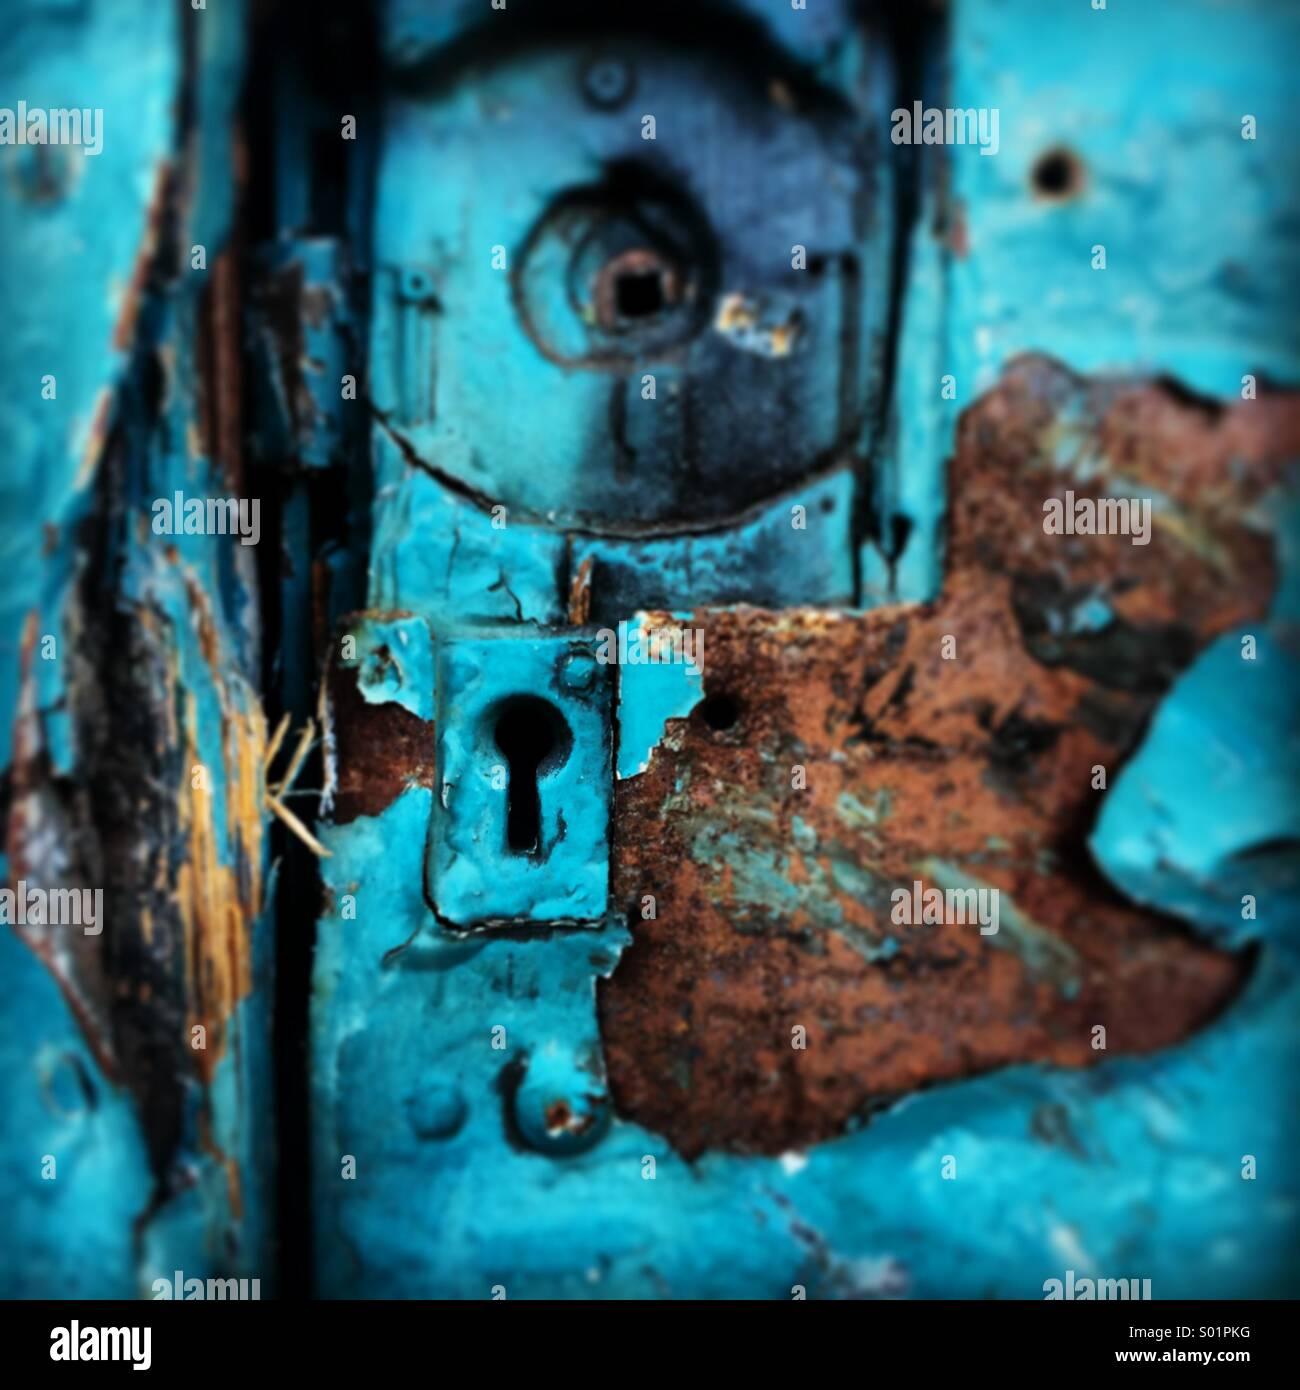 Rusty old run-down painted blue door with broken lock. - Stock Image